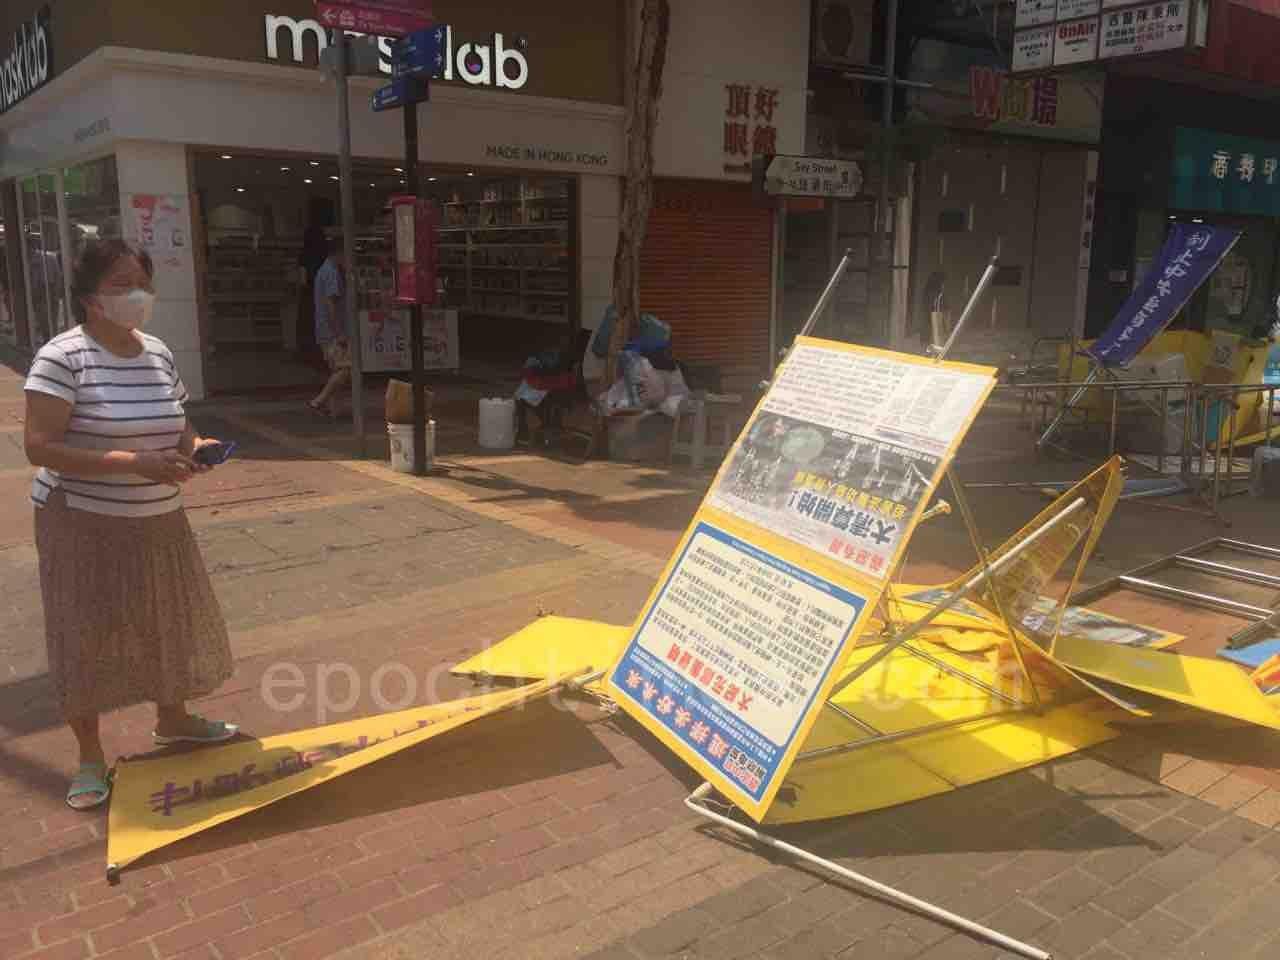 有路過的香港市民將三人的行兇過程用手機拍攝下來,並大聲喝止其暴行,兇徒隨後倉皇逃離現場。(英格/大紀元)